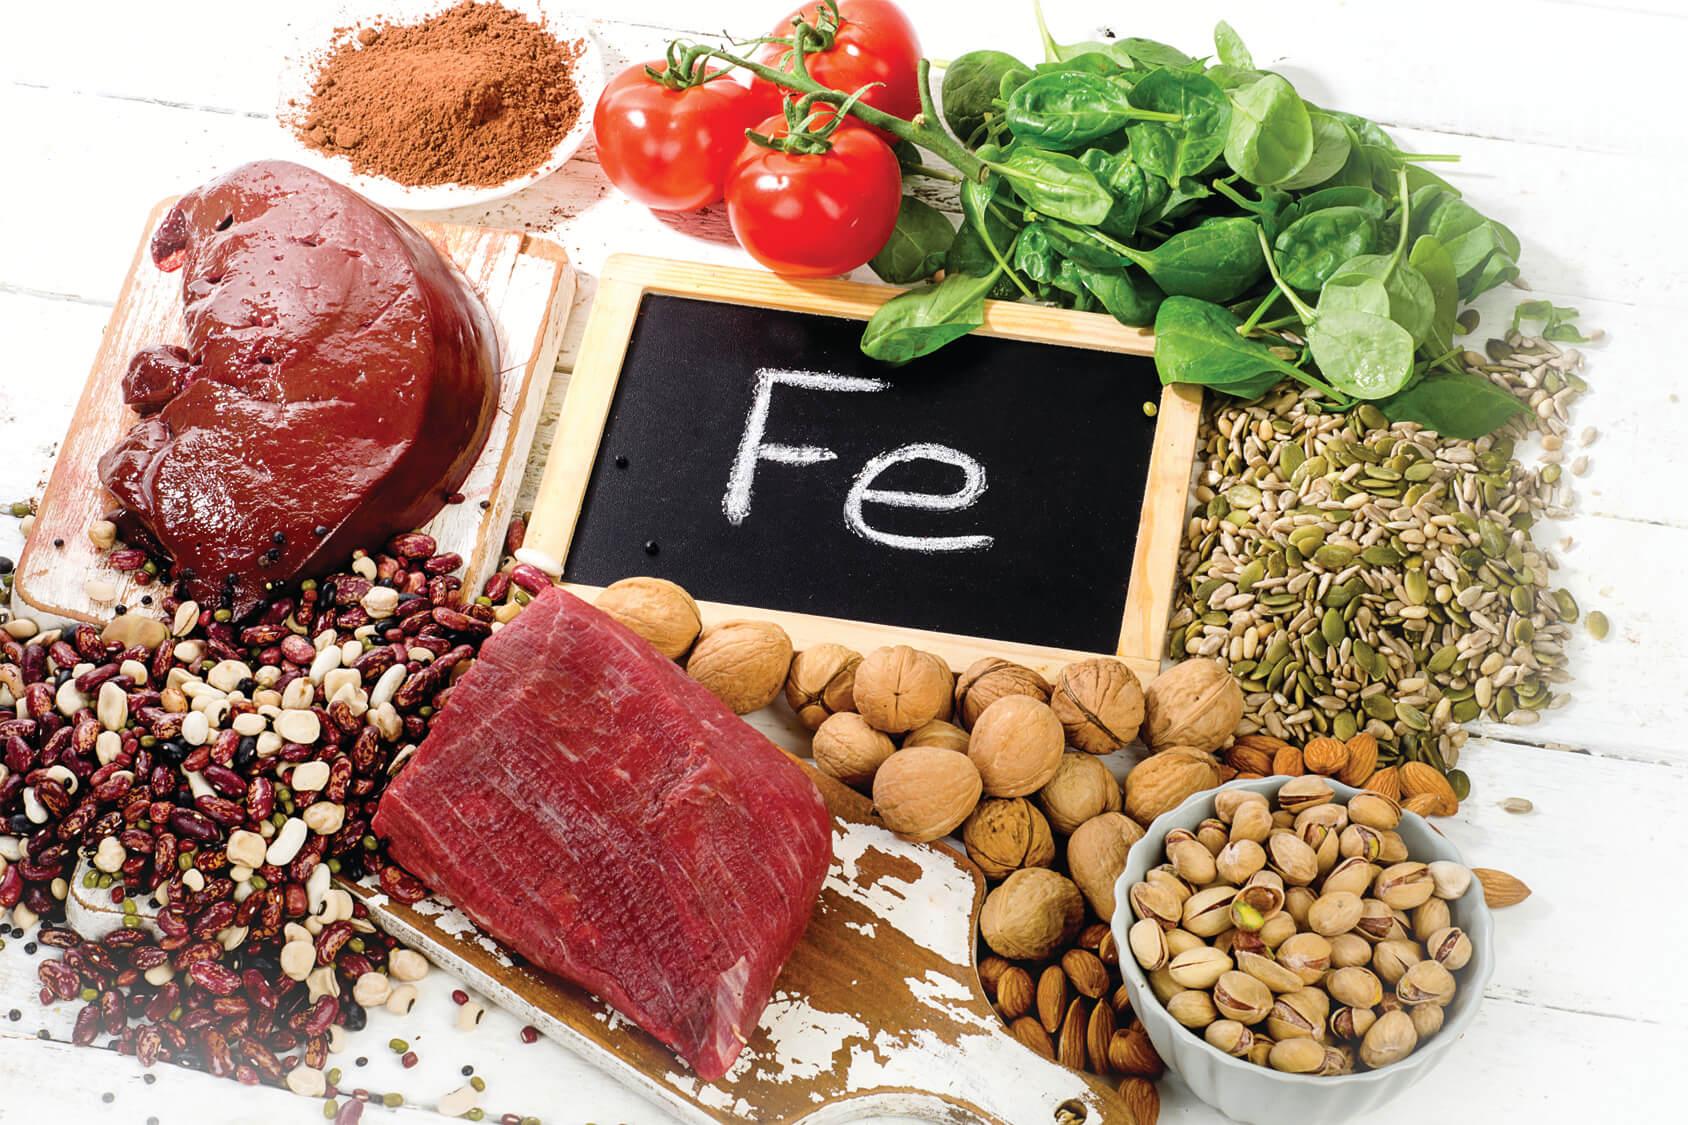 Продукты для повышения гемоглобина, рацион и рекомендации по питанию при анемии